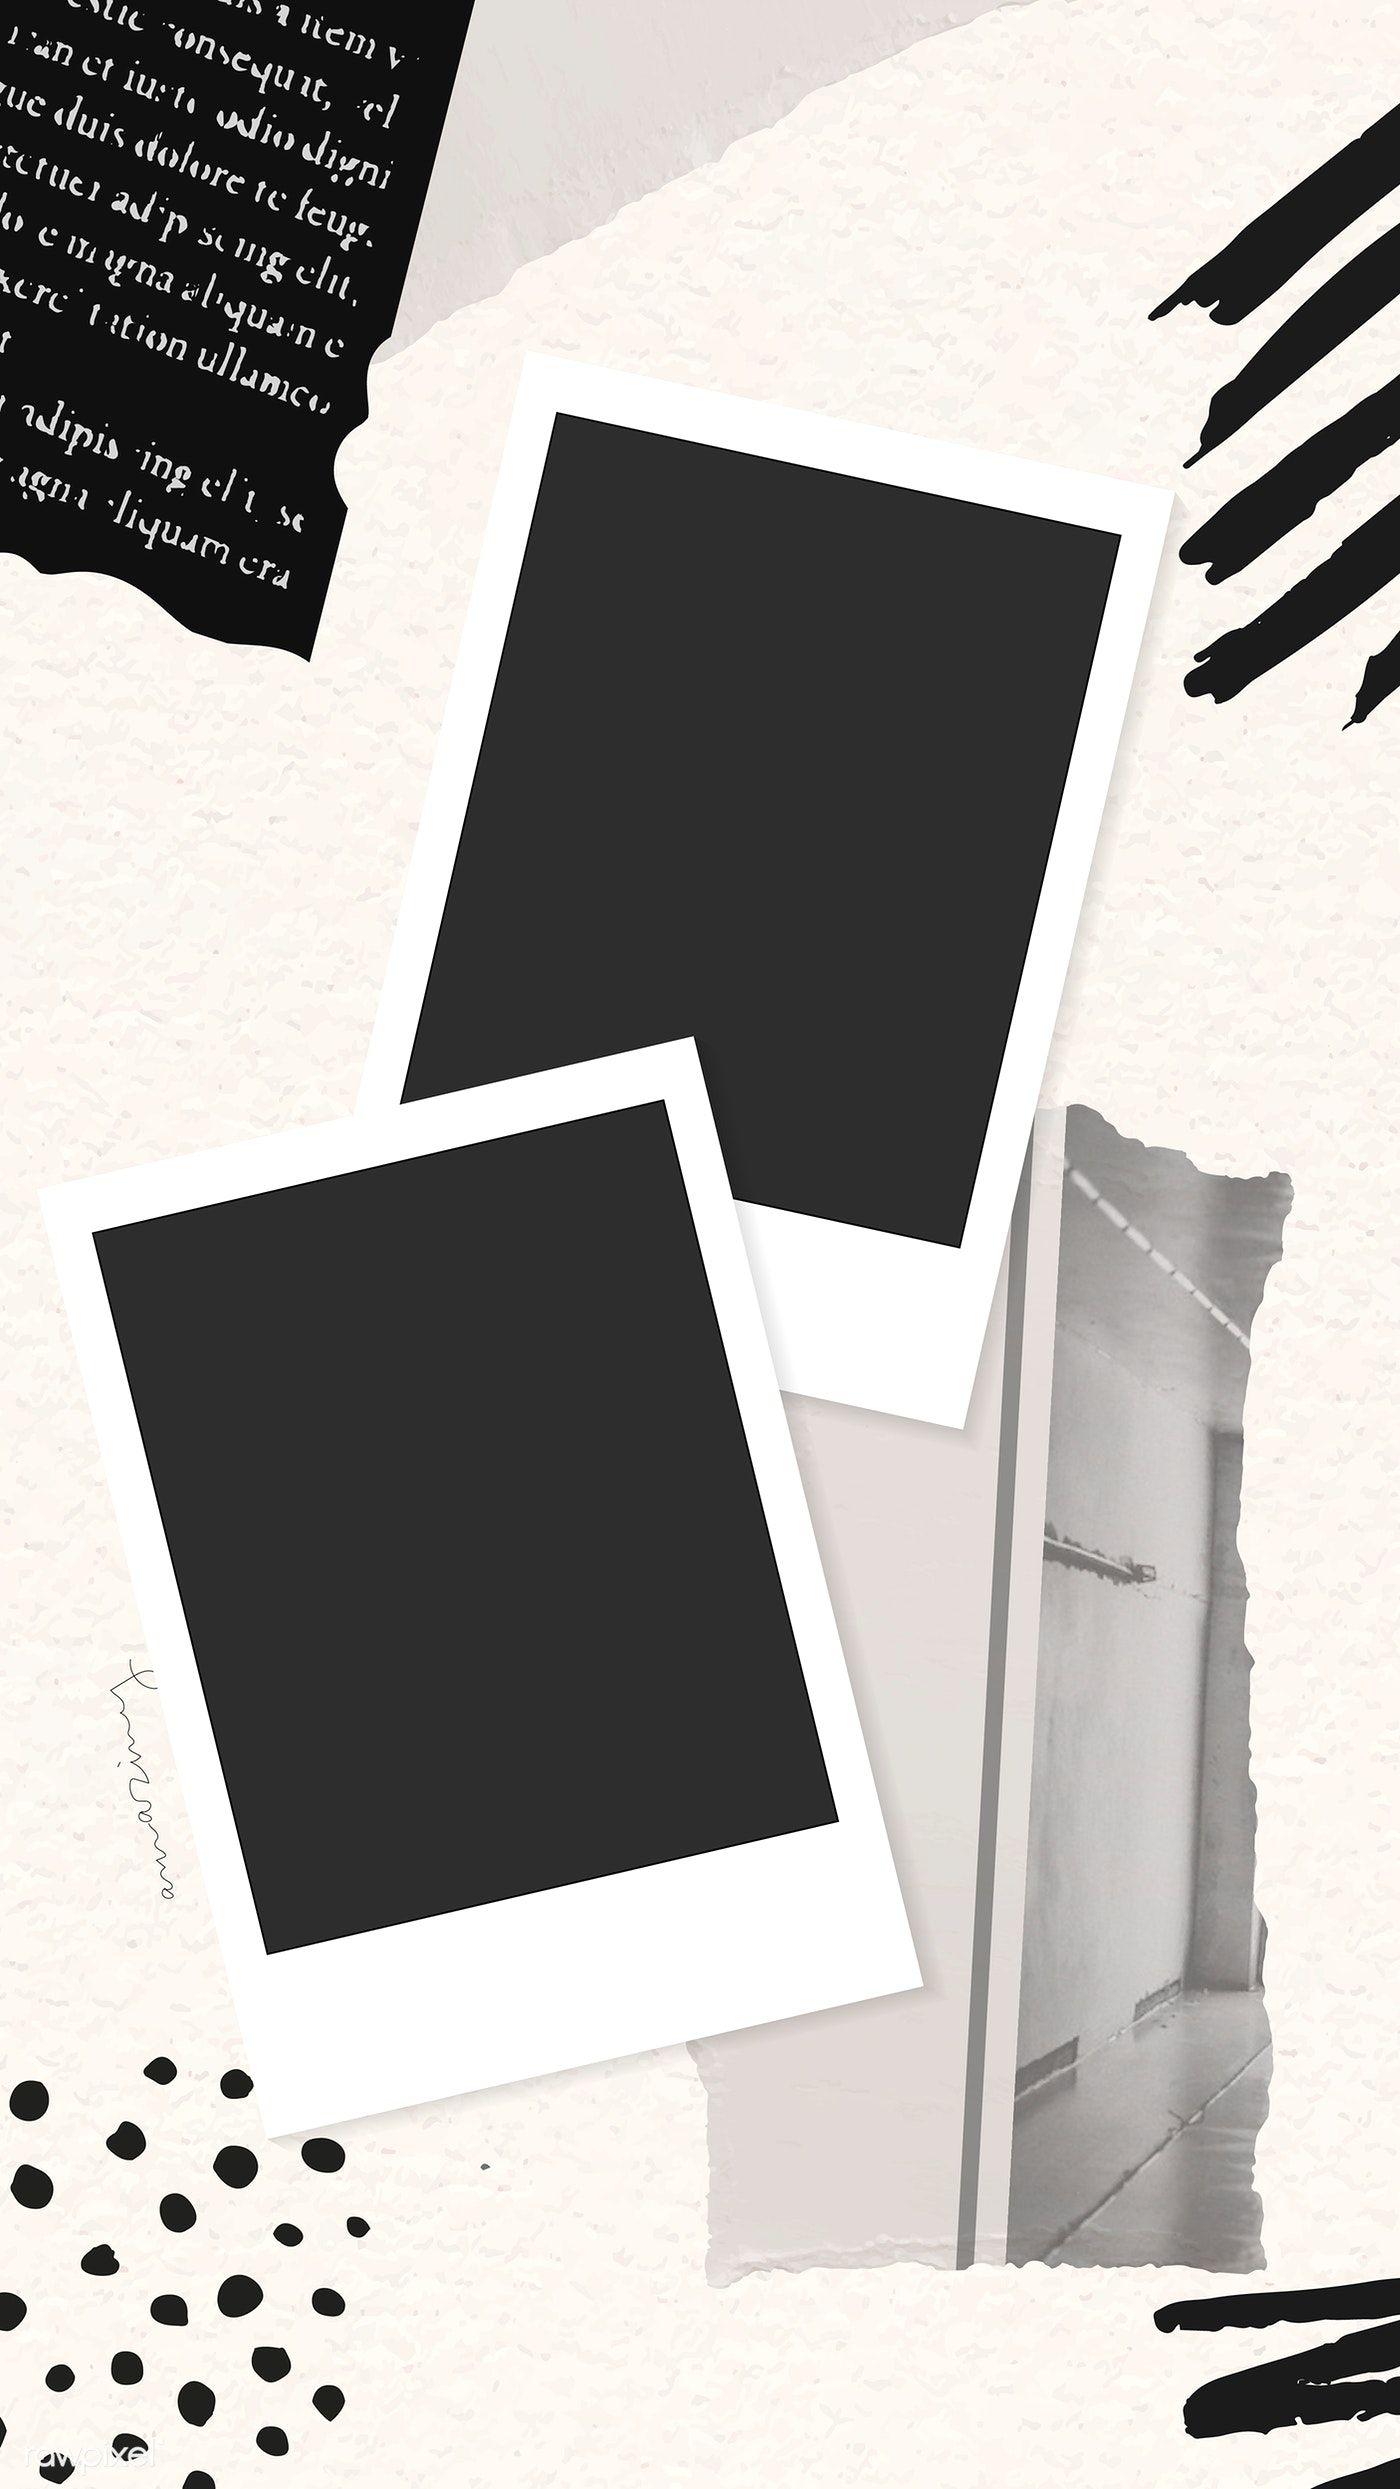 Download Premium Vector Of Collage Of Photos And Ripped Paper Phone Screen Bingkai Foto Kartu Pernikahan Kartu Ulang Tahun Buatan Tangan